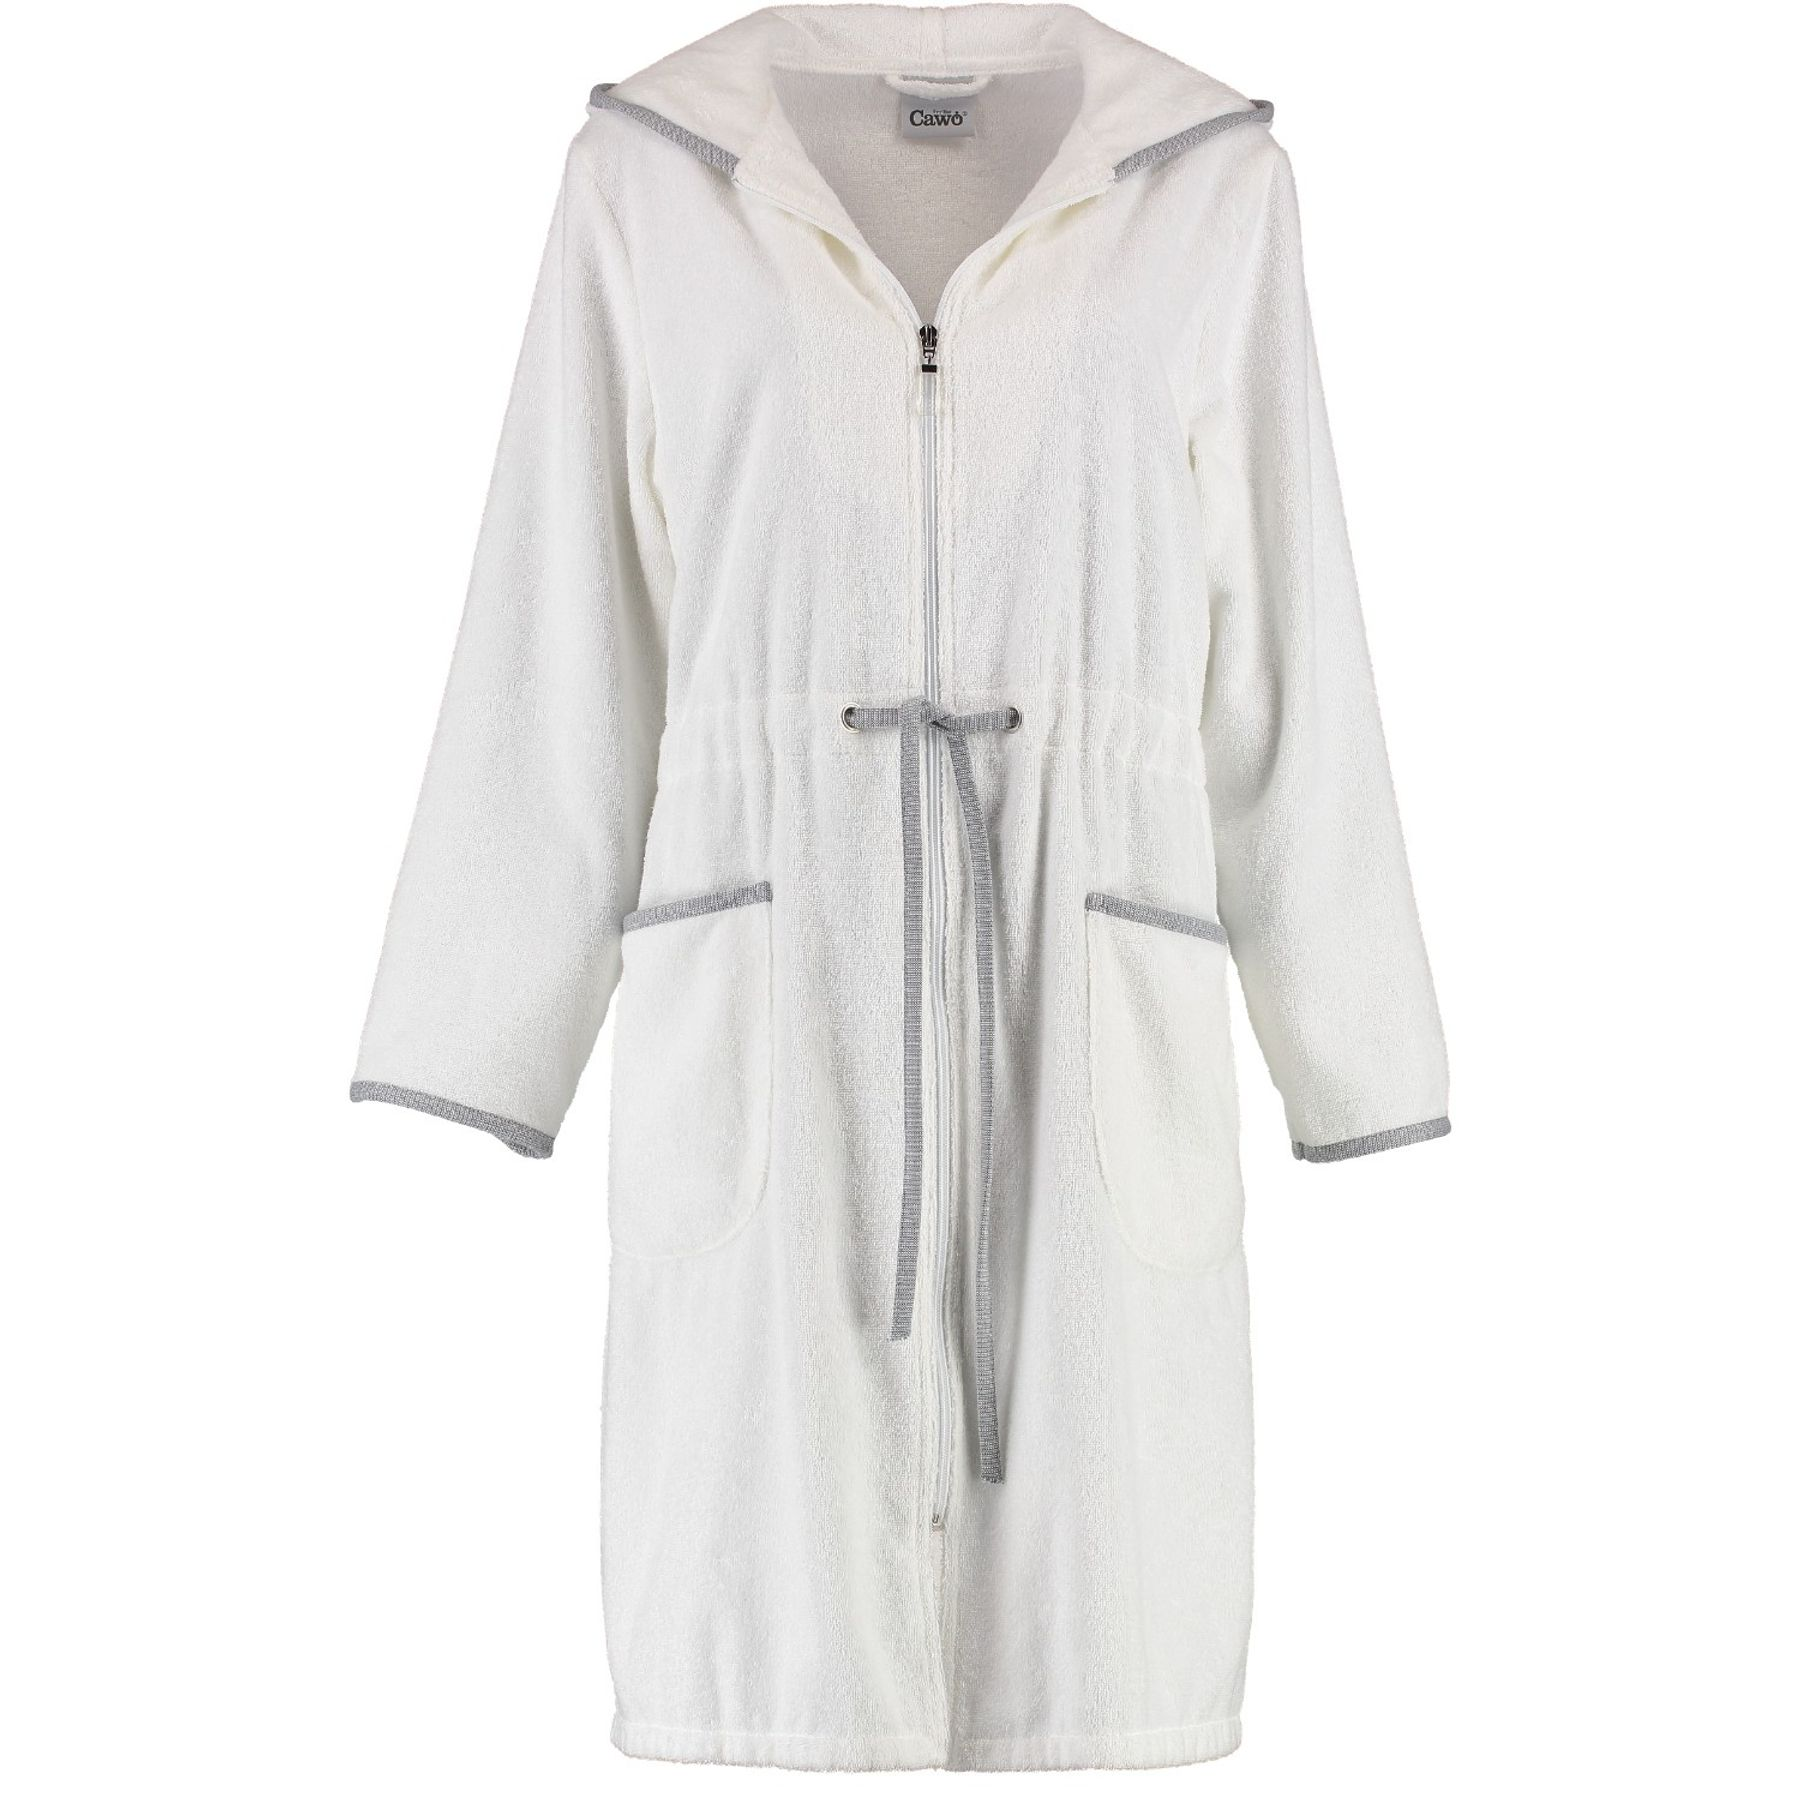 Cawö - Damen Bademantel mit Reißverschluss und Kapuze in Weiß (4103)